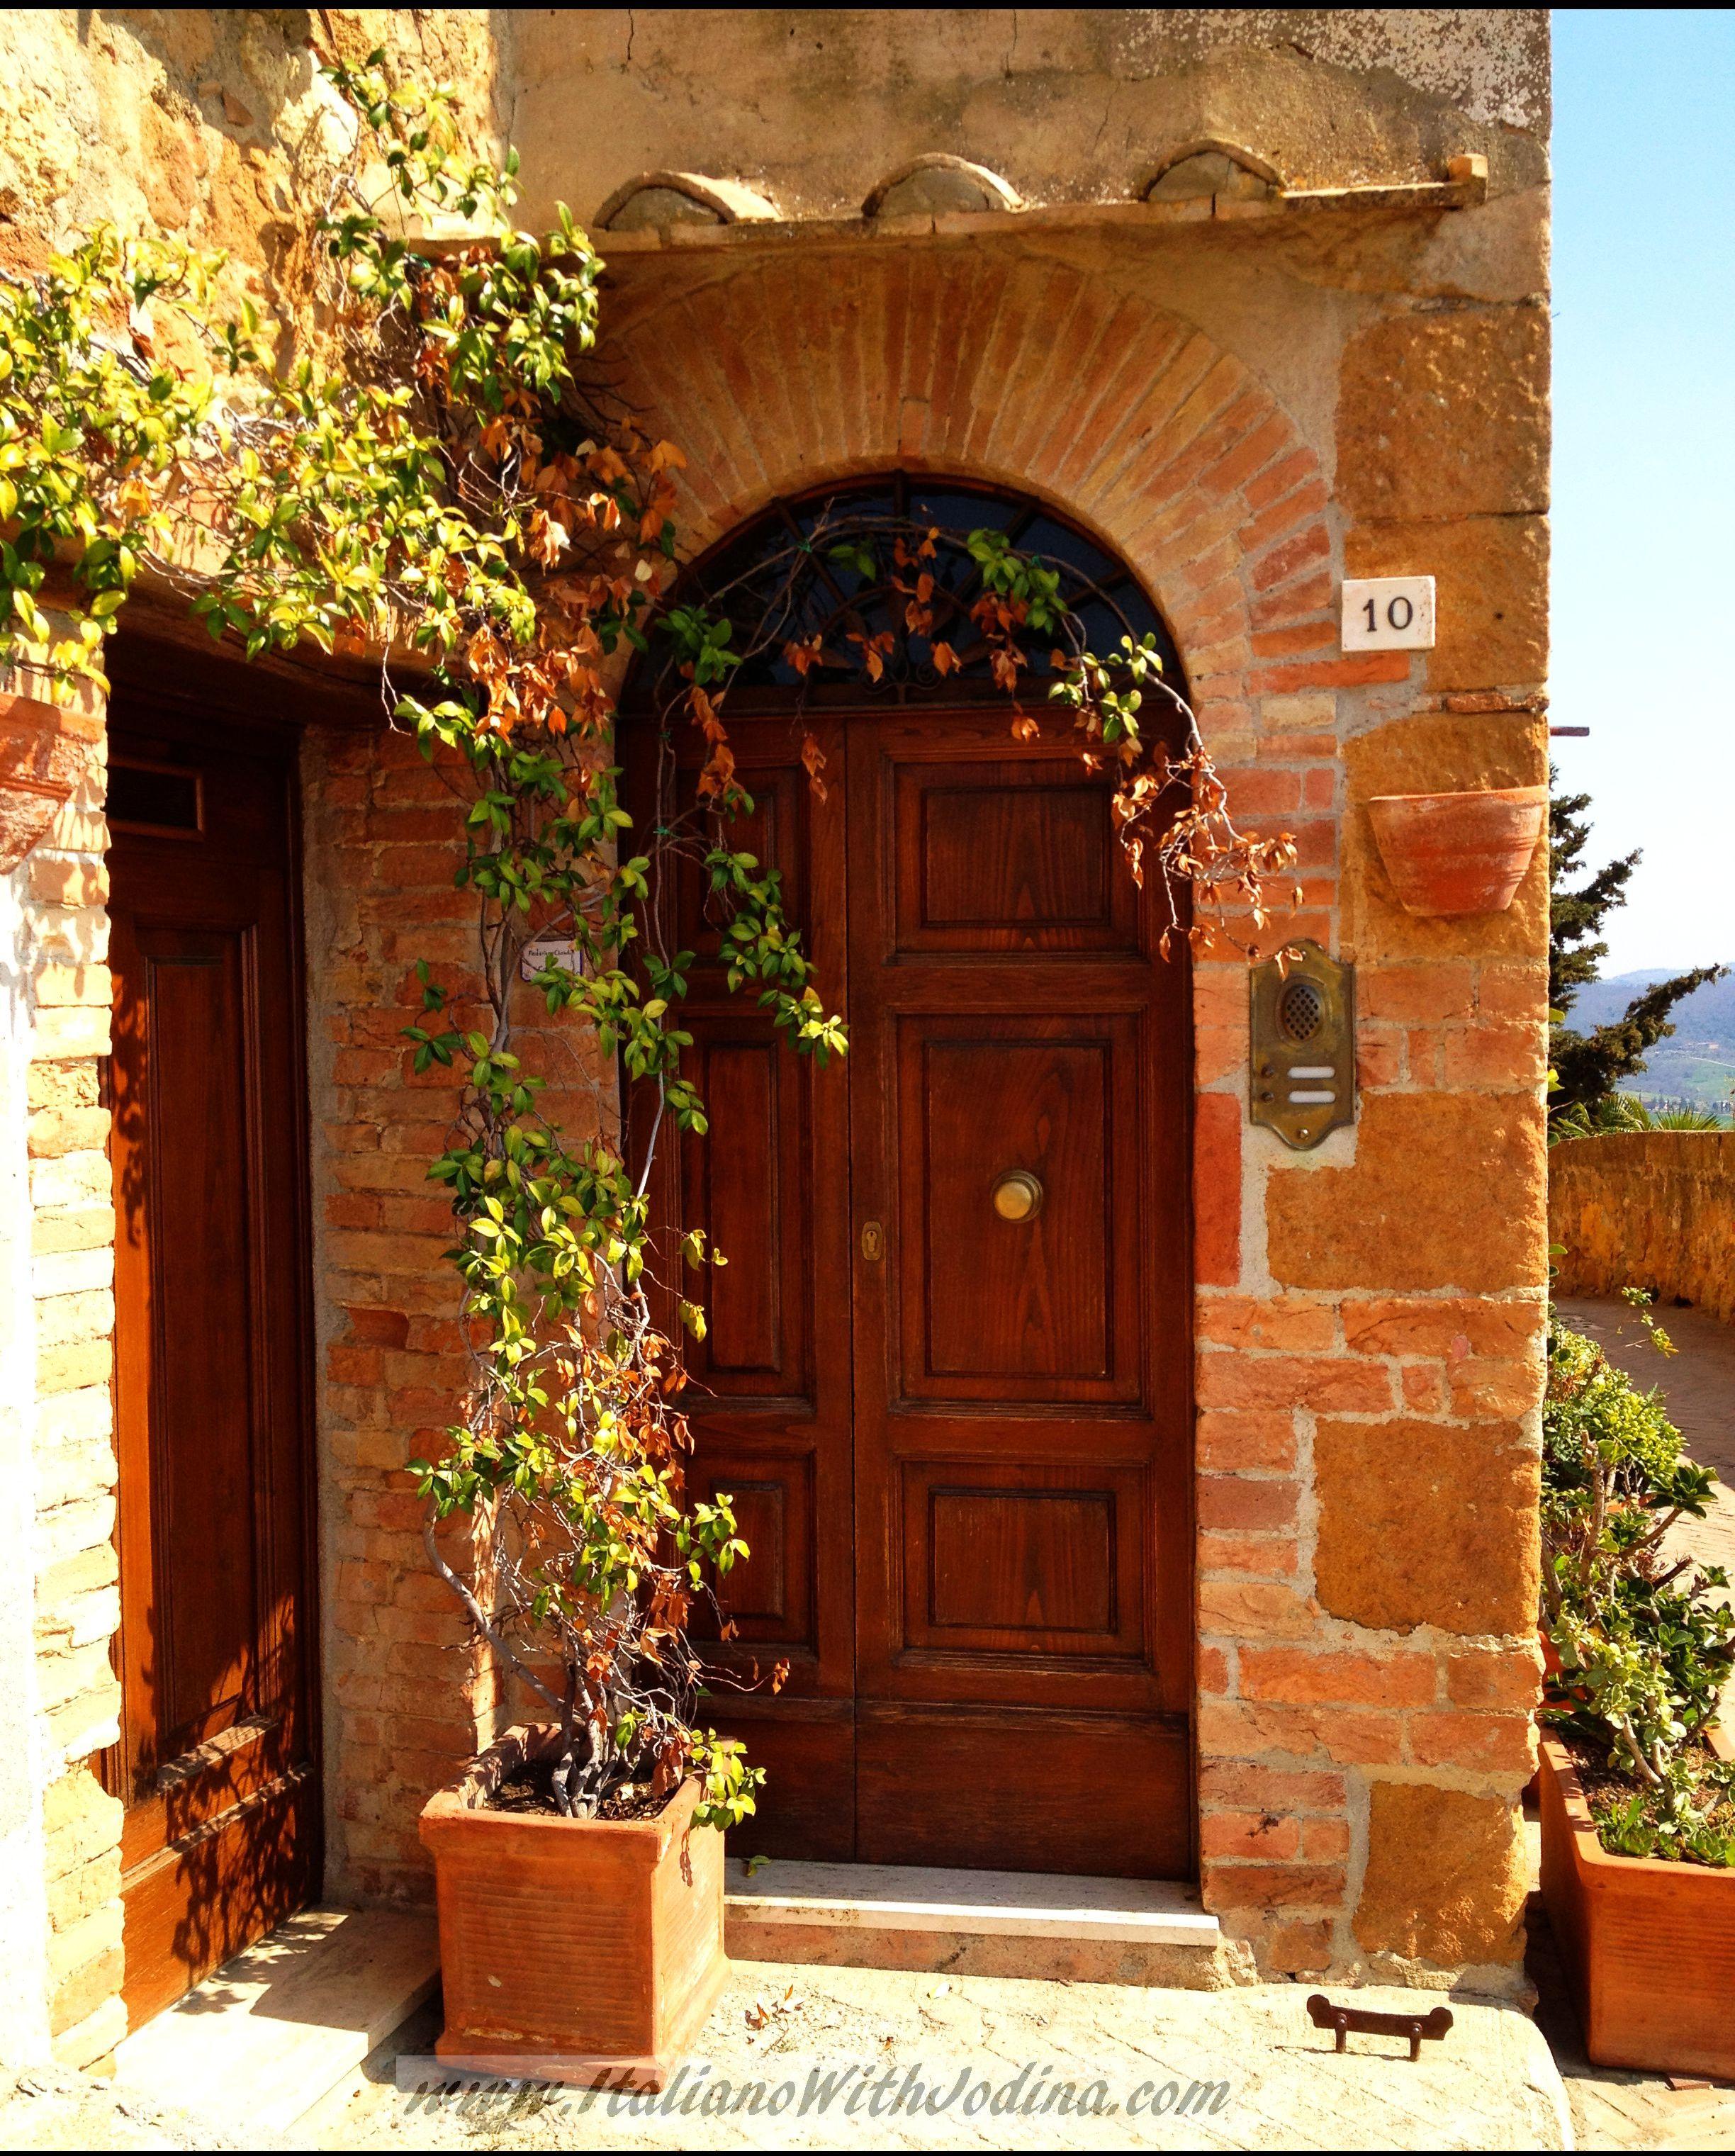 n. 10 via della foruna.Montepulciano.Door.WM